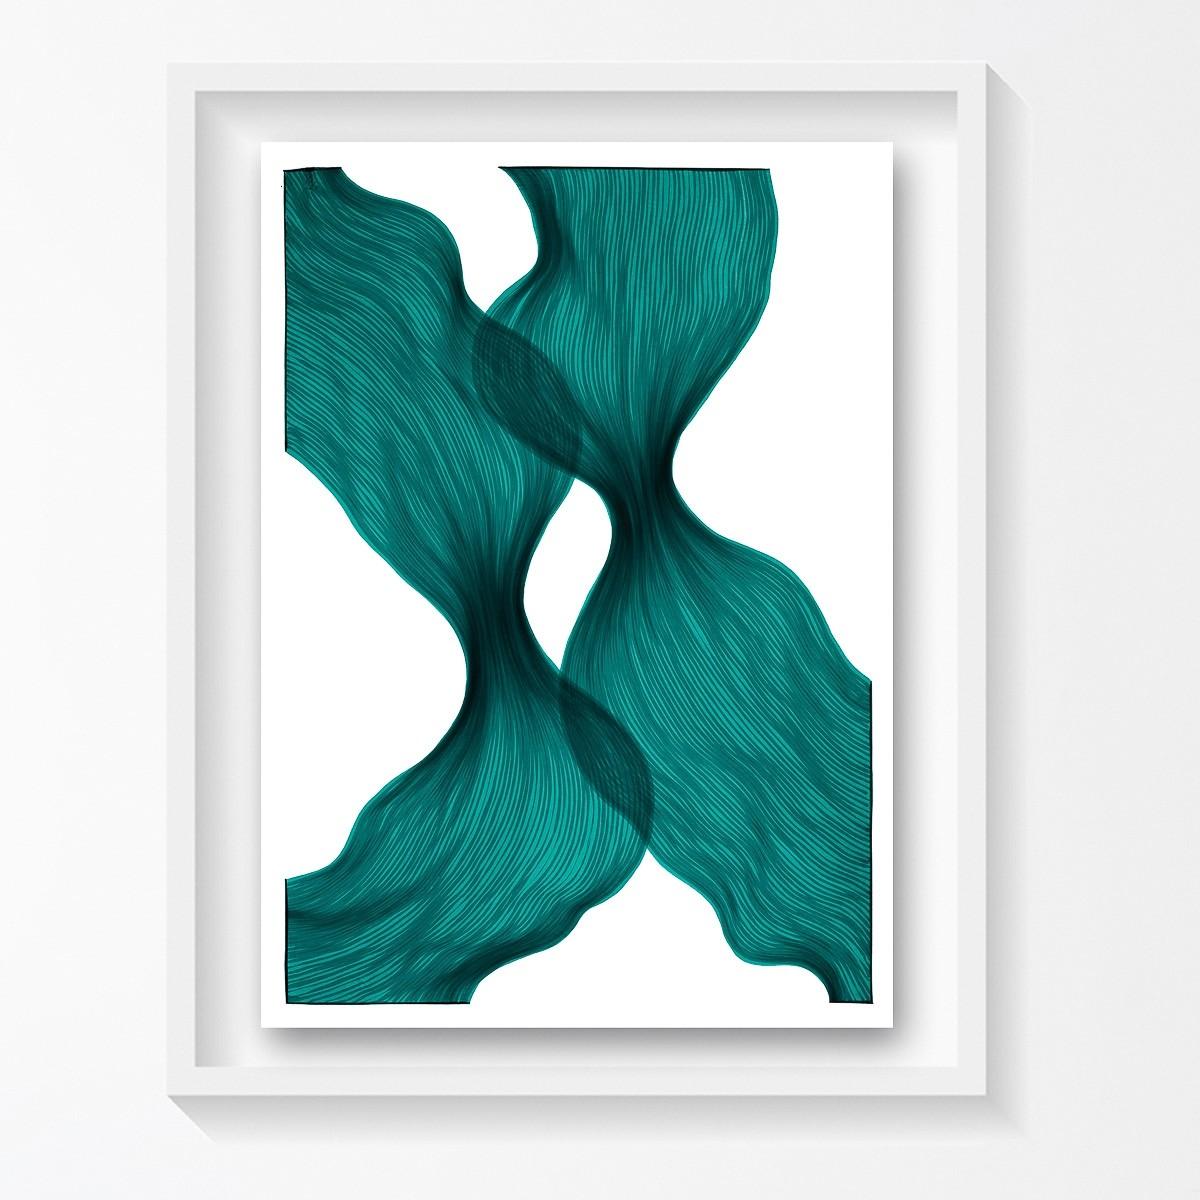 Aqua Dawn Sheer Folds | Lali Torma | Zeichnung | Kalligraphietusche auf Papier, gerahmt